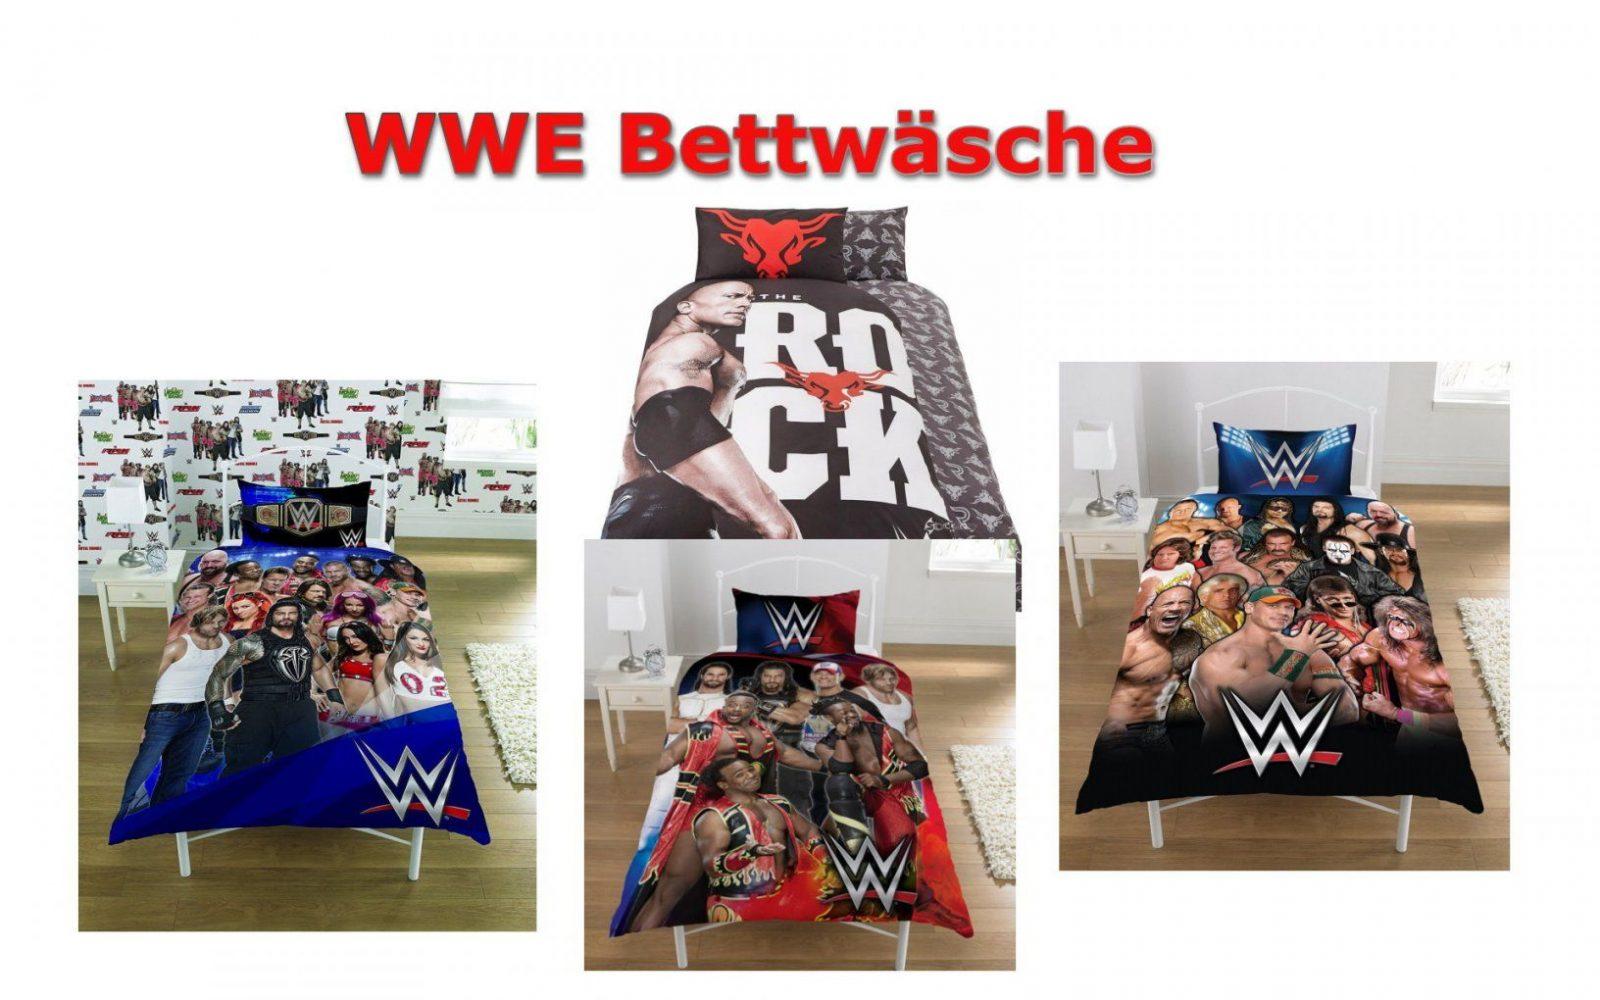 Wwe Fanartikel Wrestling Bettwäsche Wwe Tshirt Monopoly Ps 4 von Bud Spencer Bettwäsche Bild